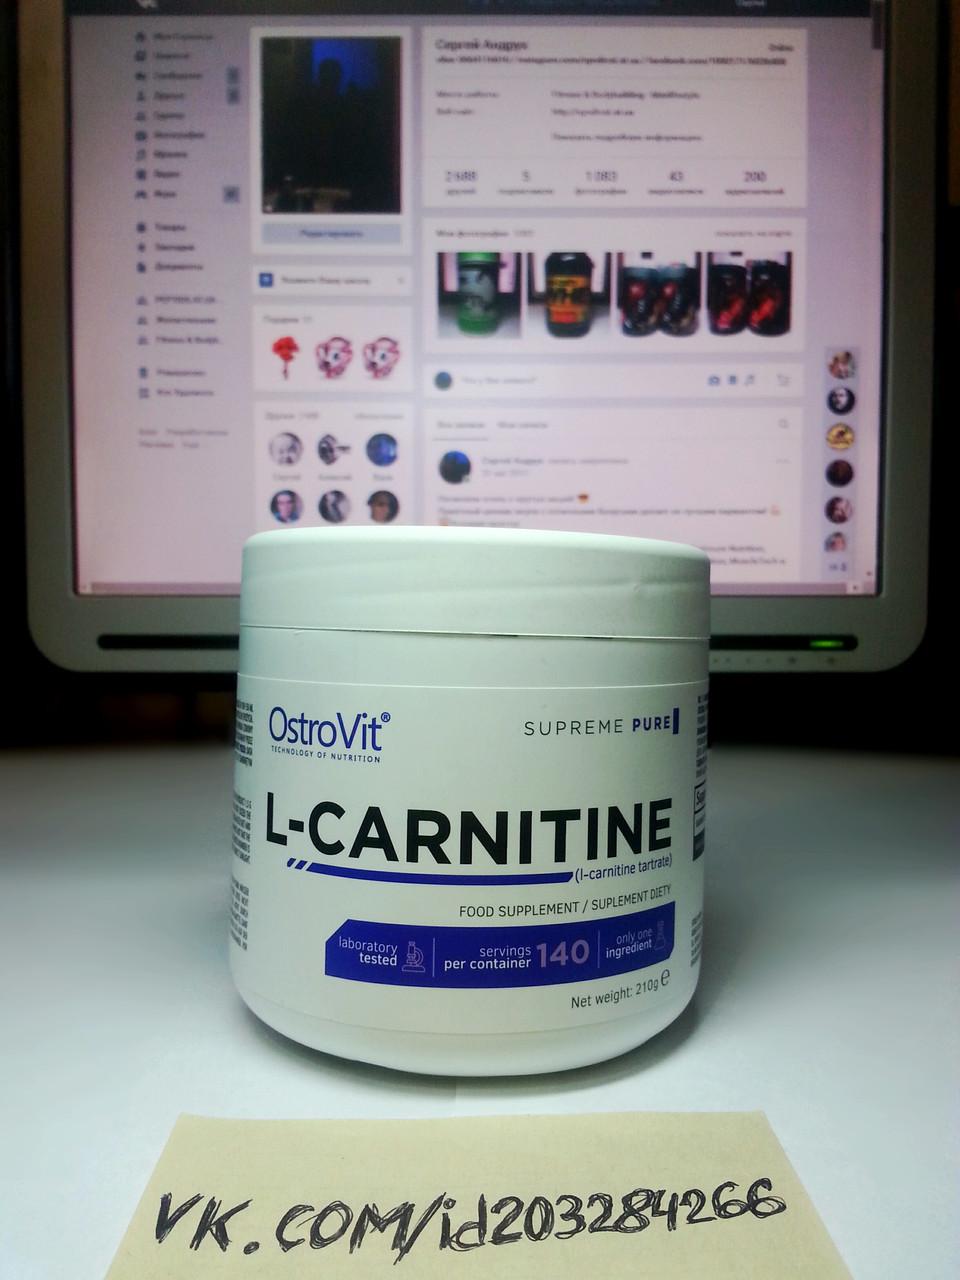 OstroVit Supreme Pure L-Carnitine 210r